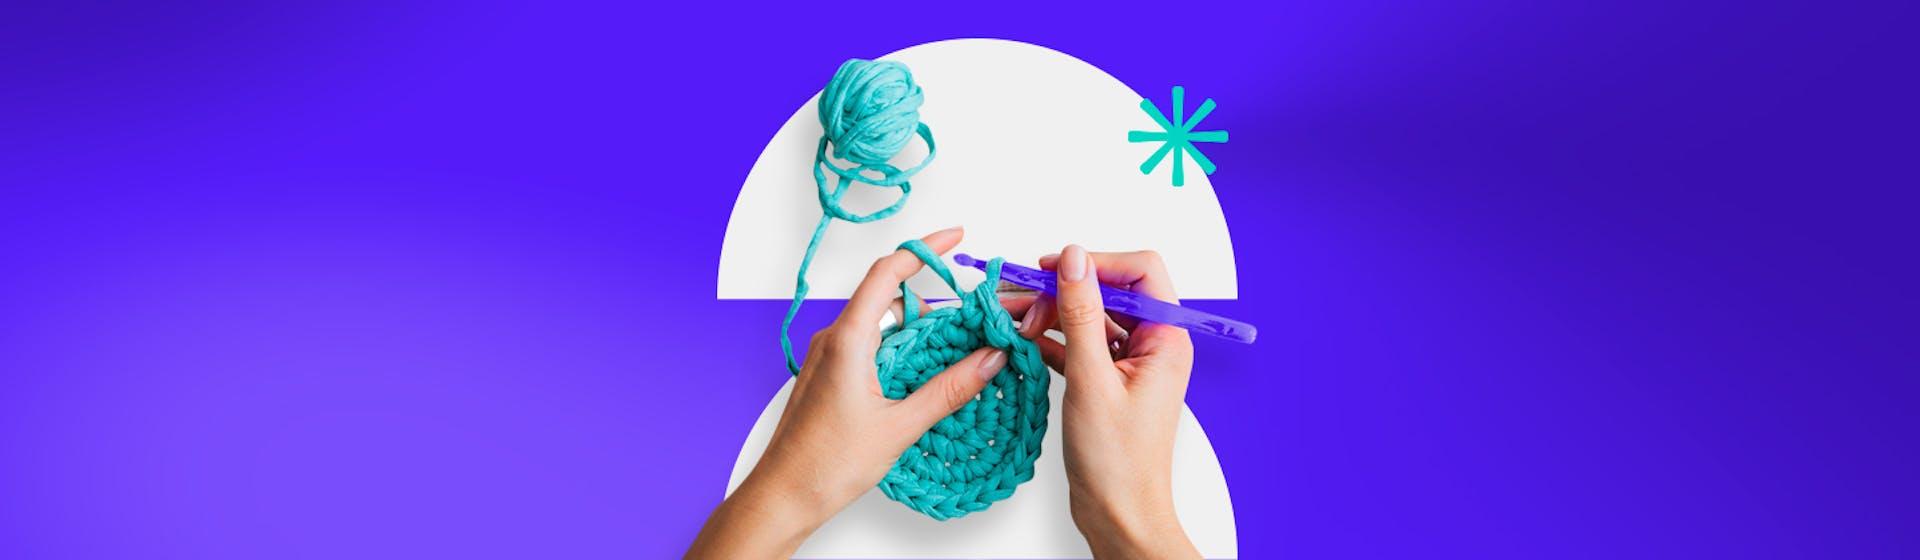 Puntos de crochet para principiantes: usa el talento en tus manos y empieza tu proyecto de tejido hoy